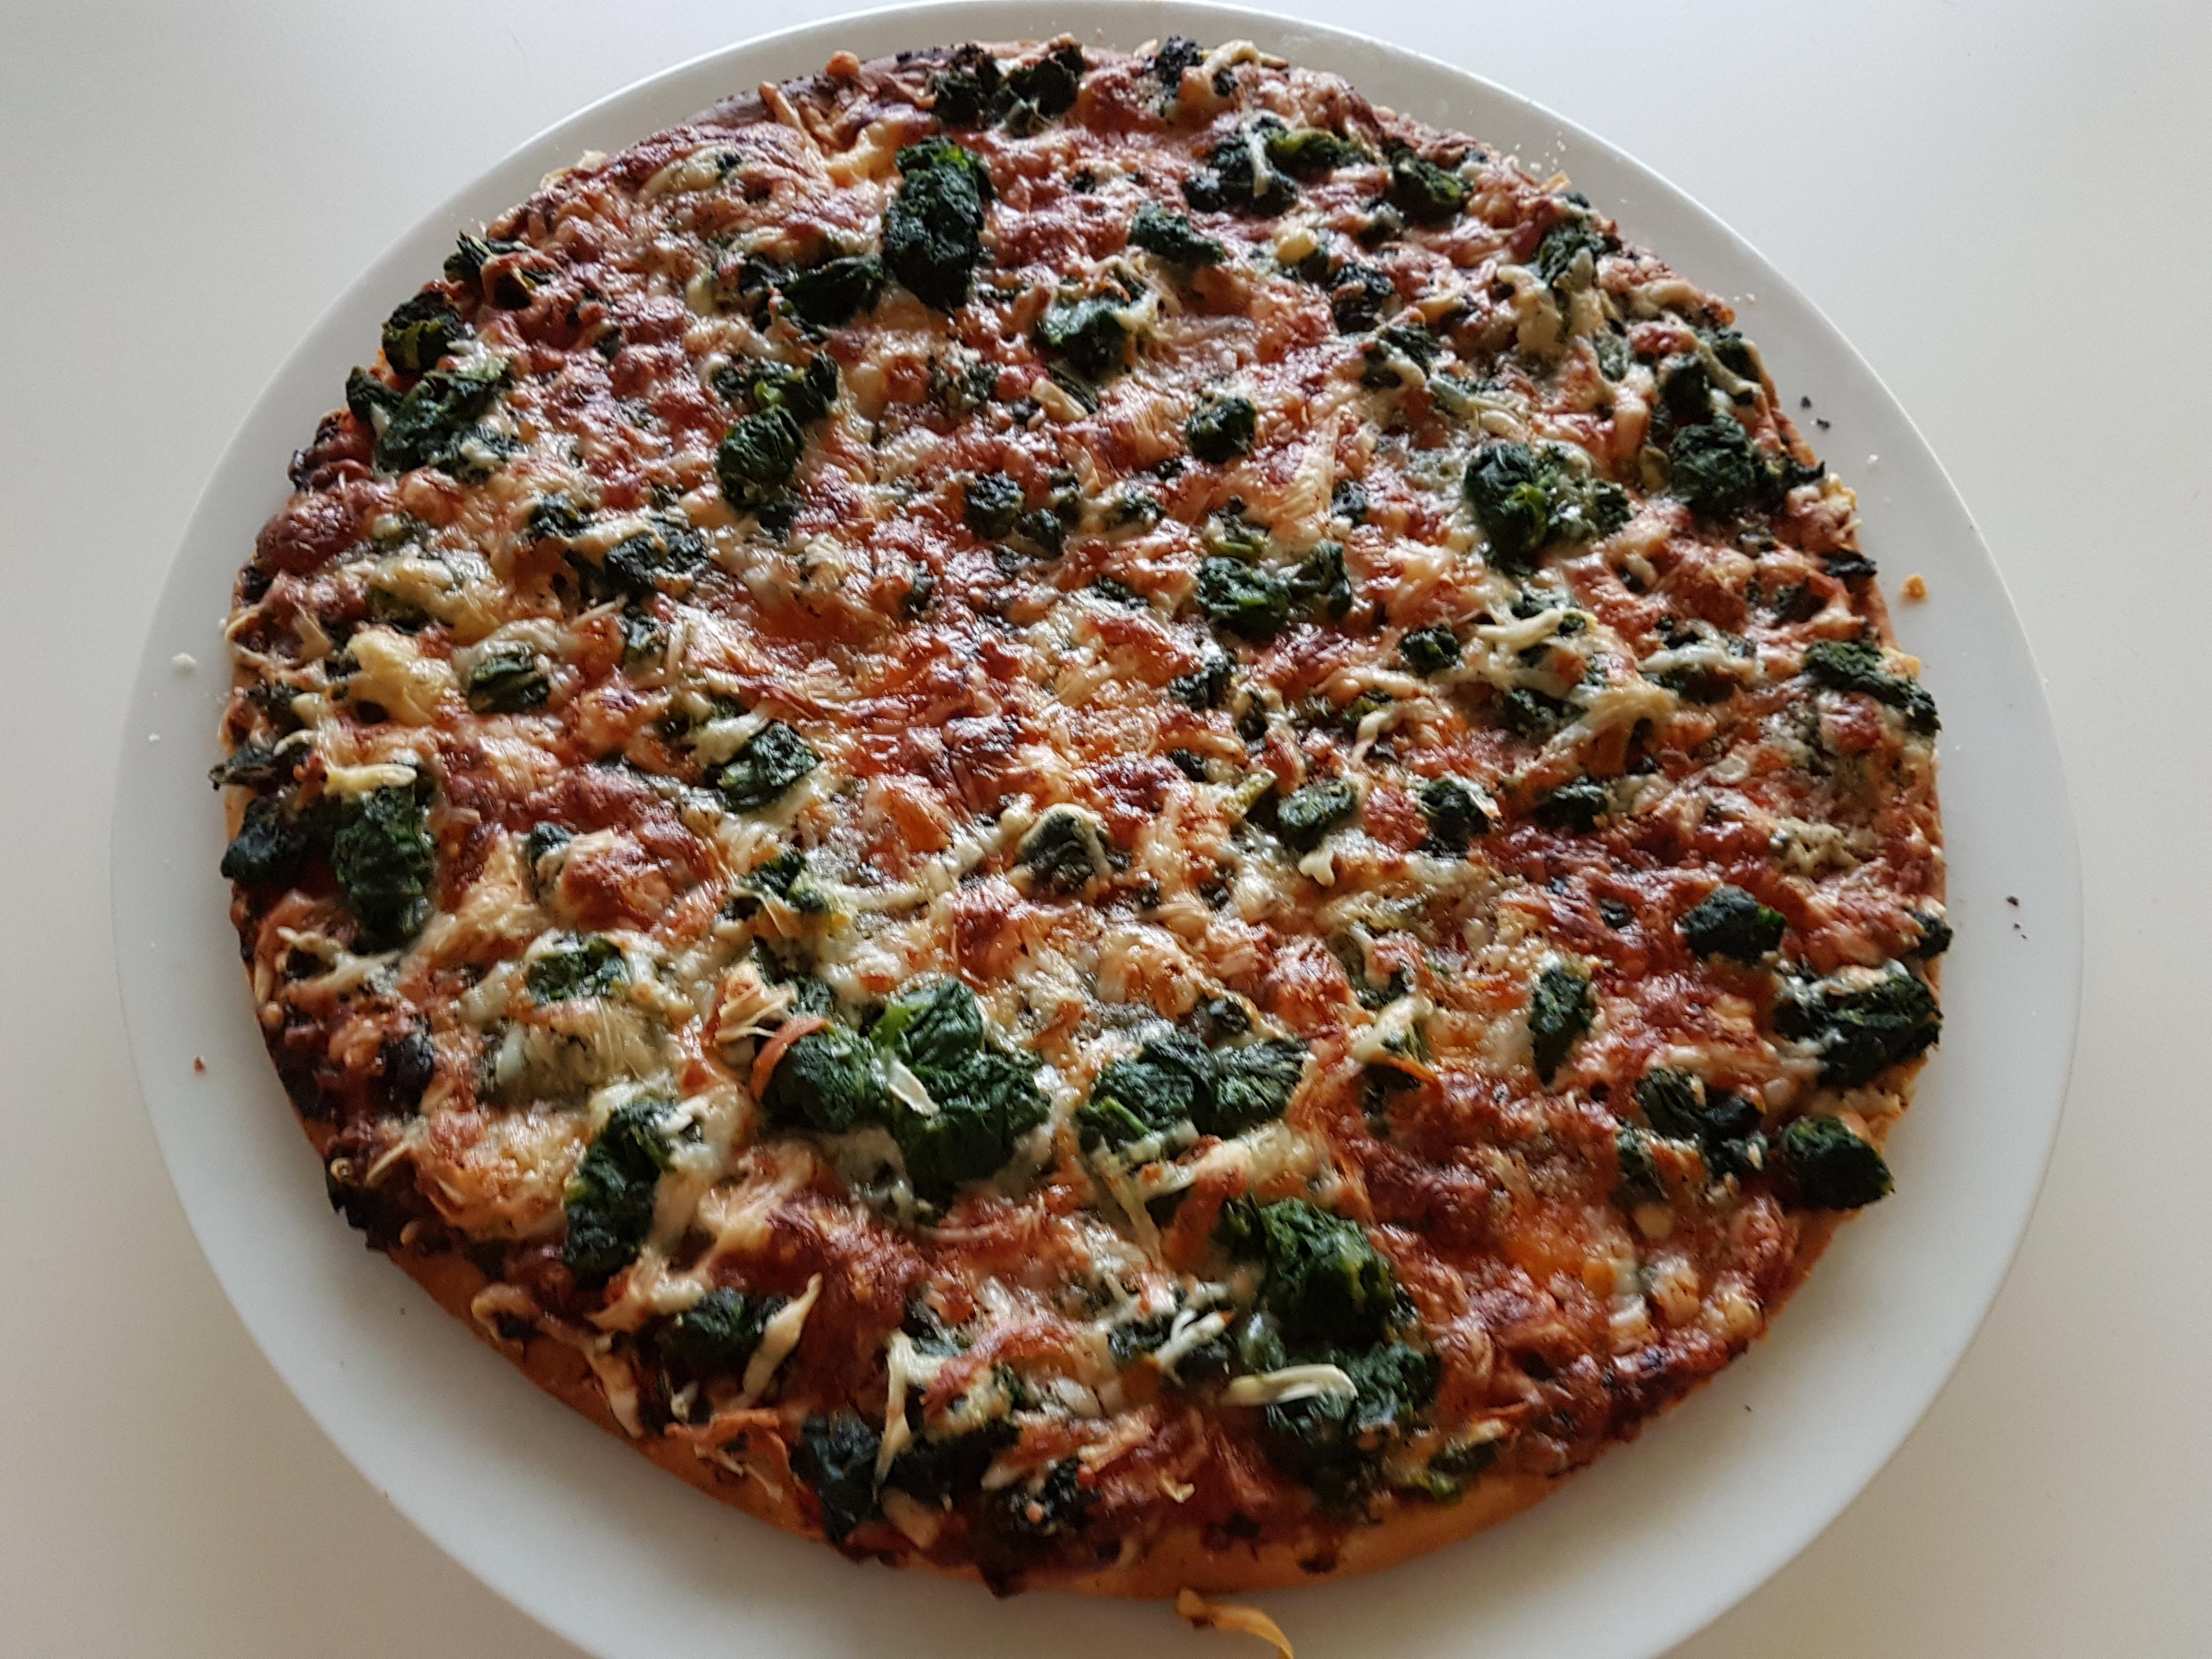 https://foodloader.net/Holz_2017-11-07_Pizza.jpg